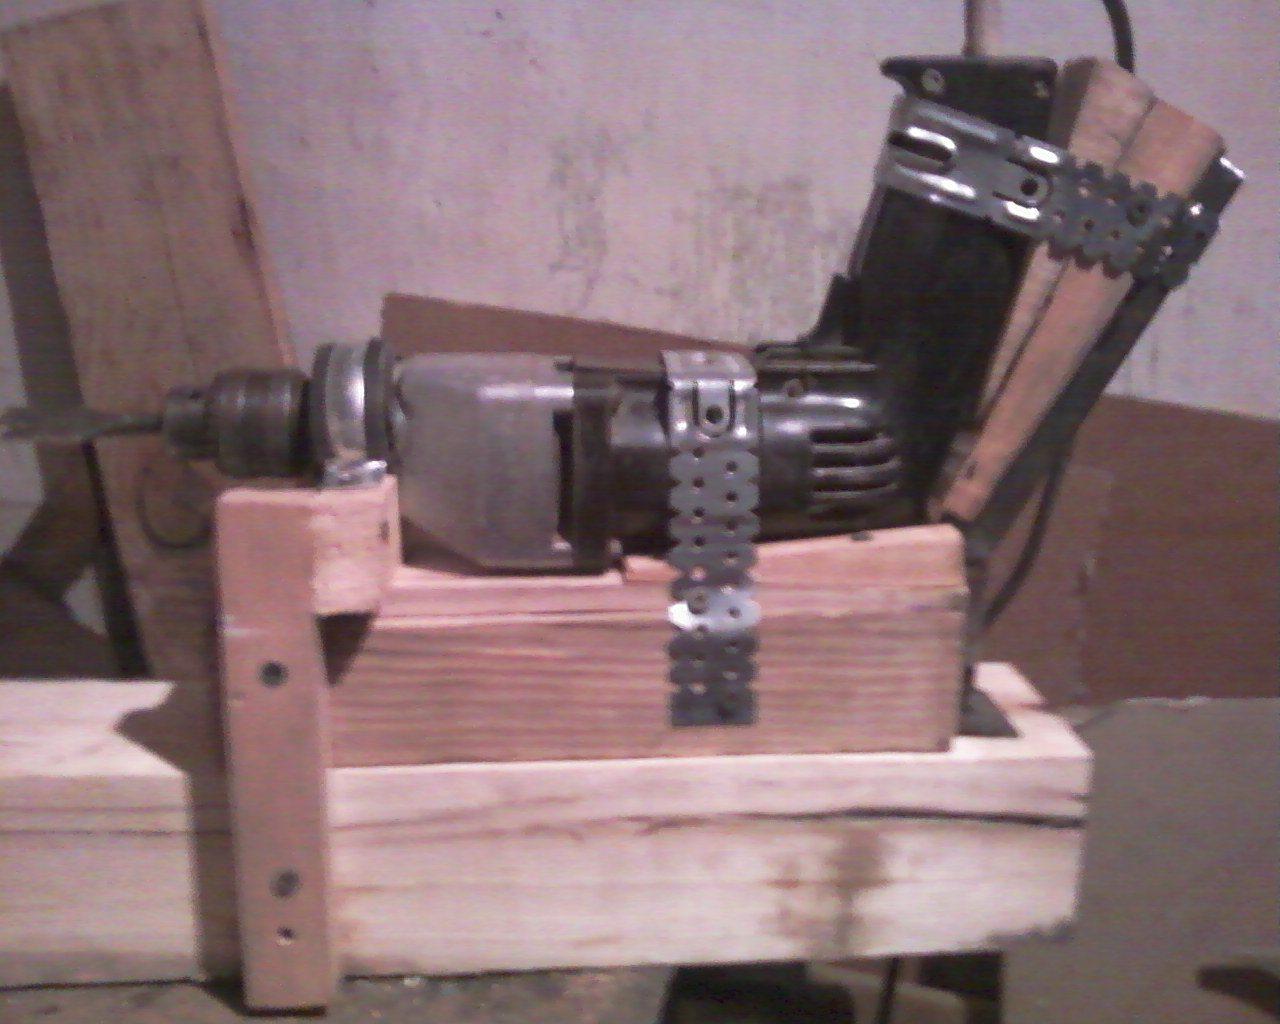 Простейший сверлильный станок, сделанный своими руками